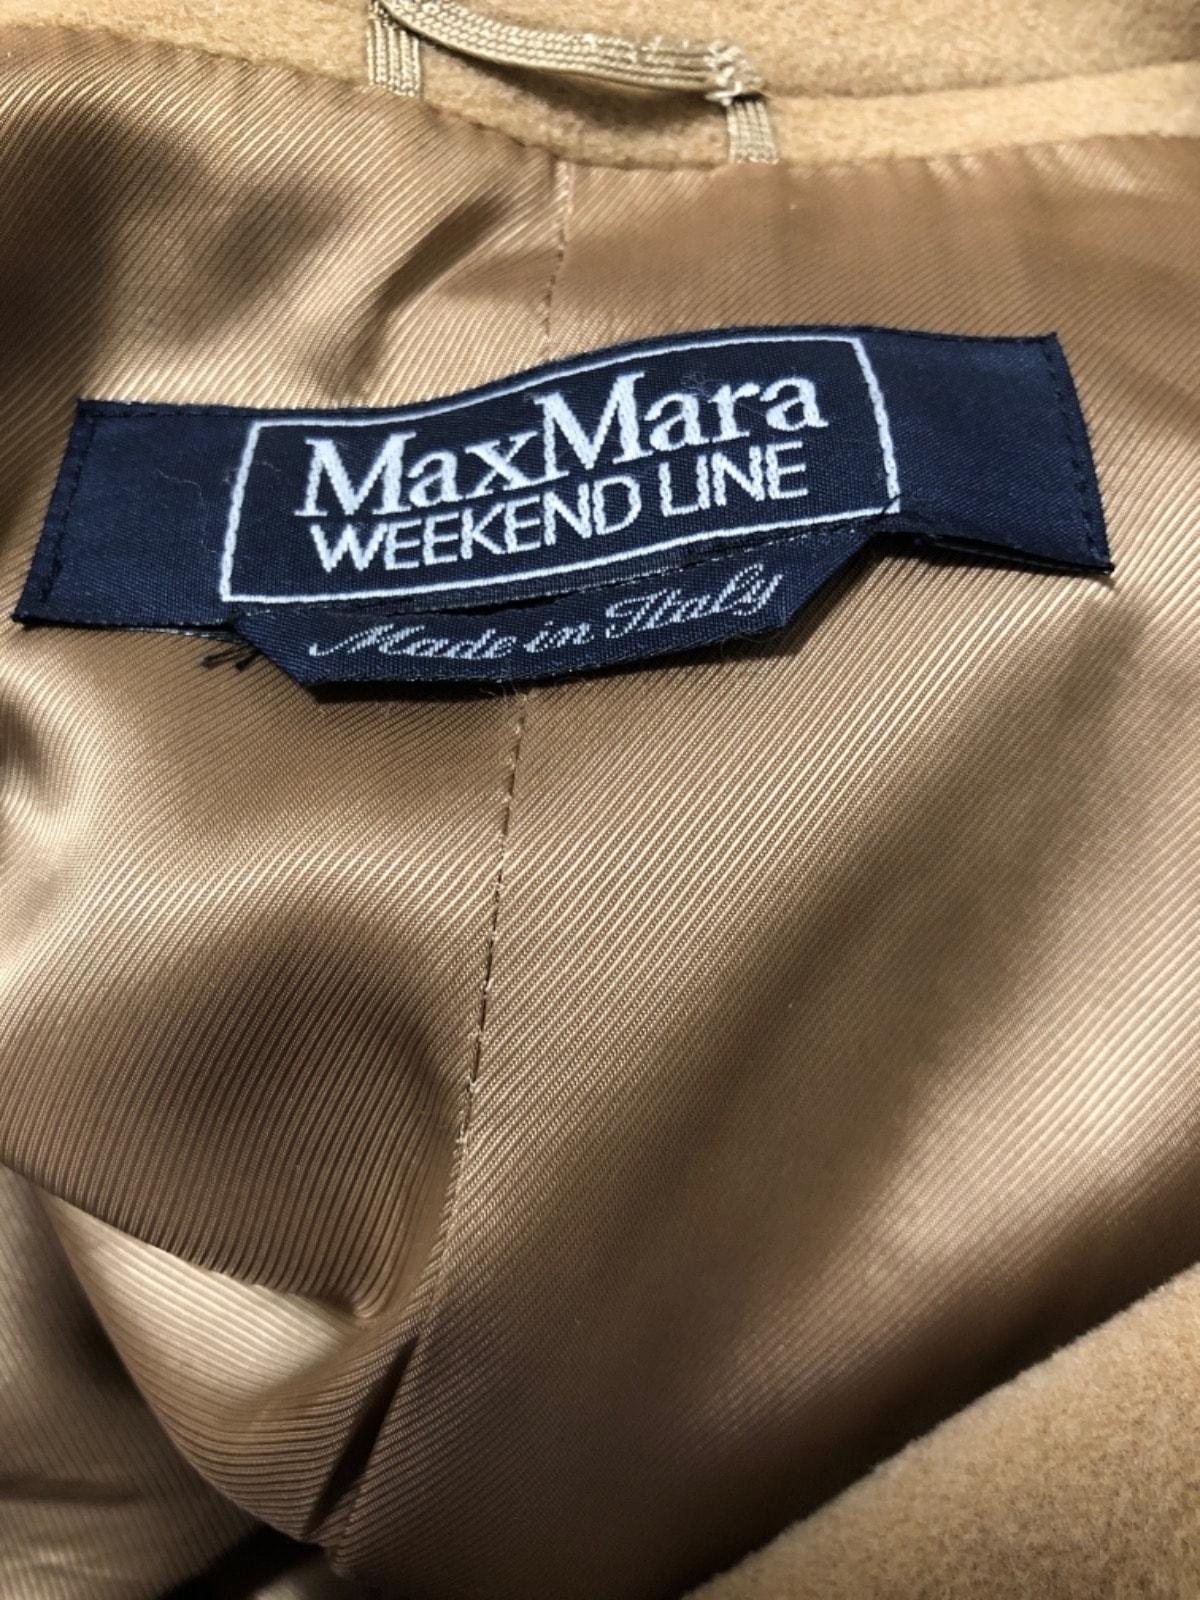 Max MaraWEEKEND(マックスマーラウィークエンド)のコート